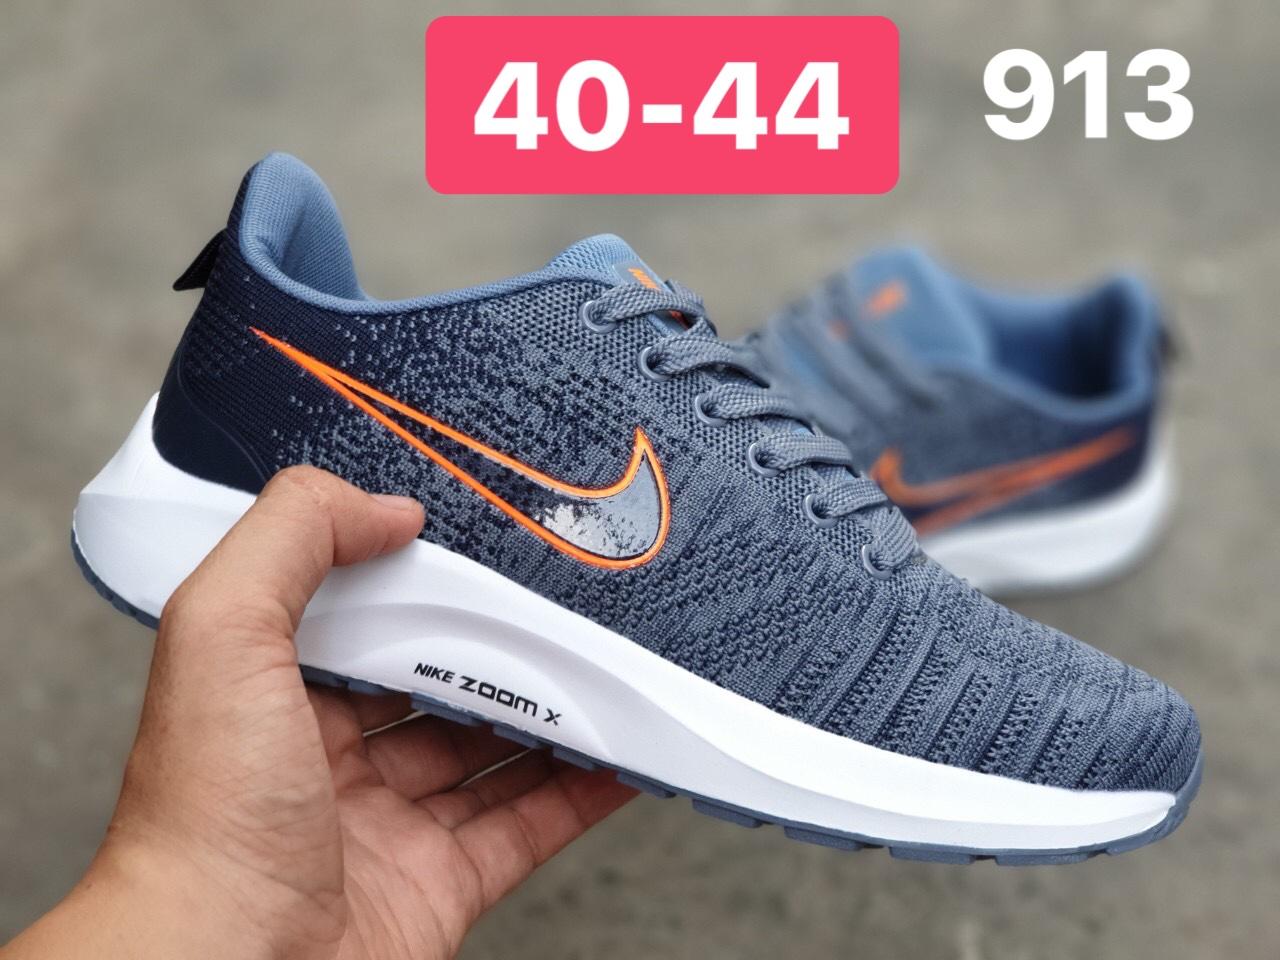 Giày Nike Zoom nam F20 màu cam